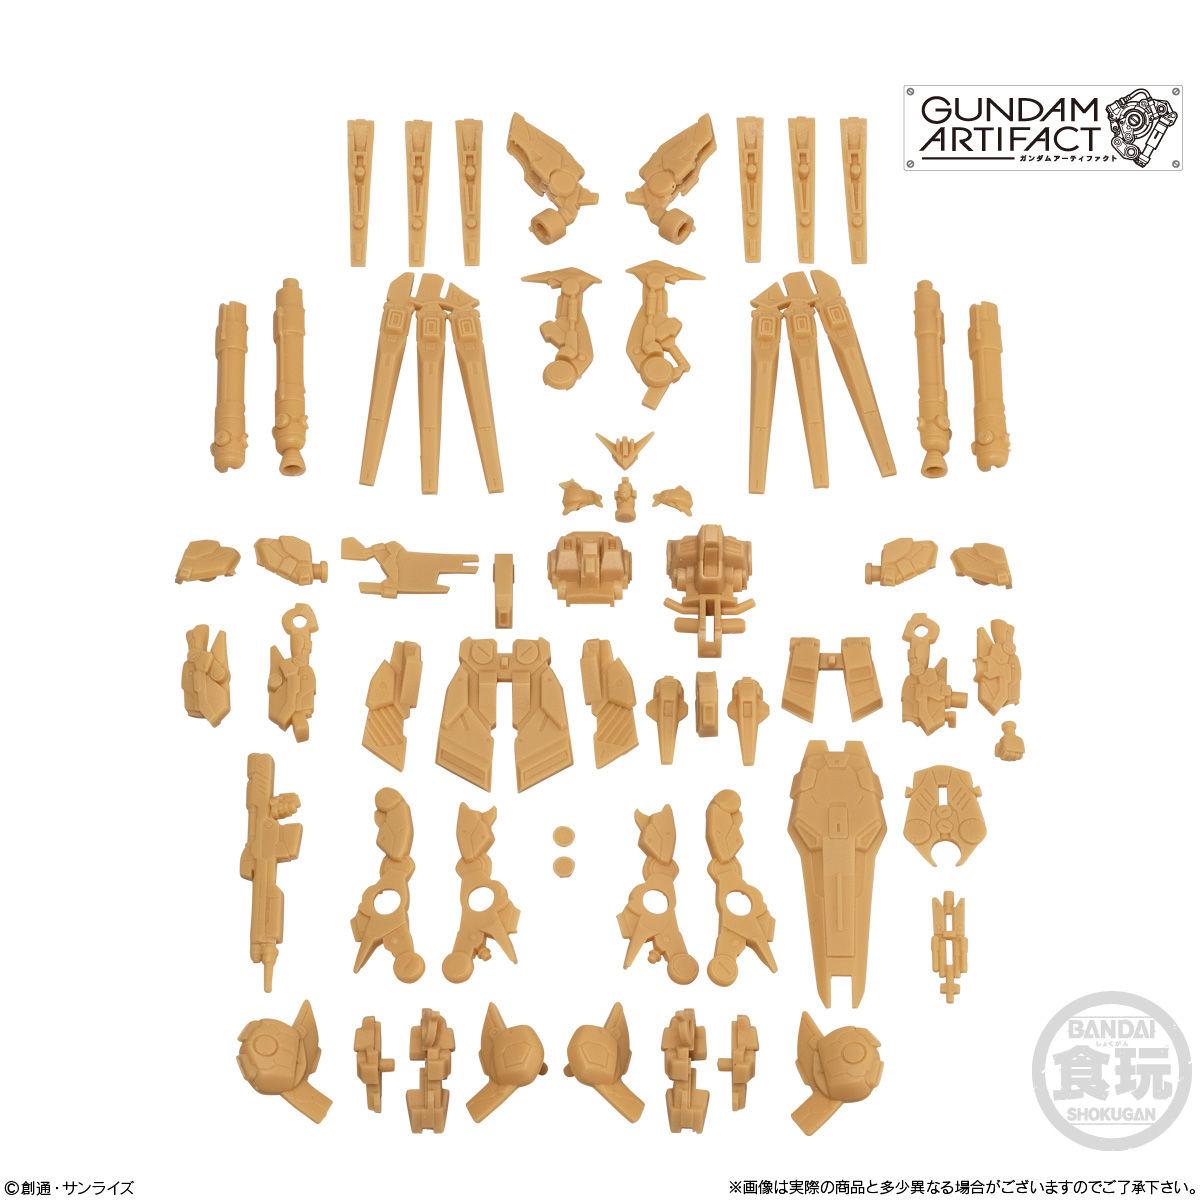 【再販】【食玩】機動戦士ガンダム『ガンダムアーティファクト』プラ製ミニキット 10個入りBOX-009